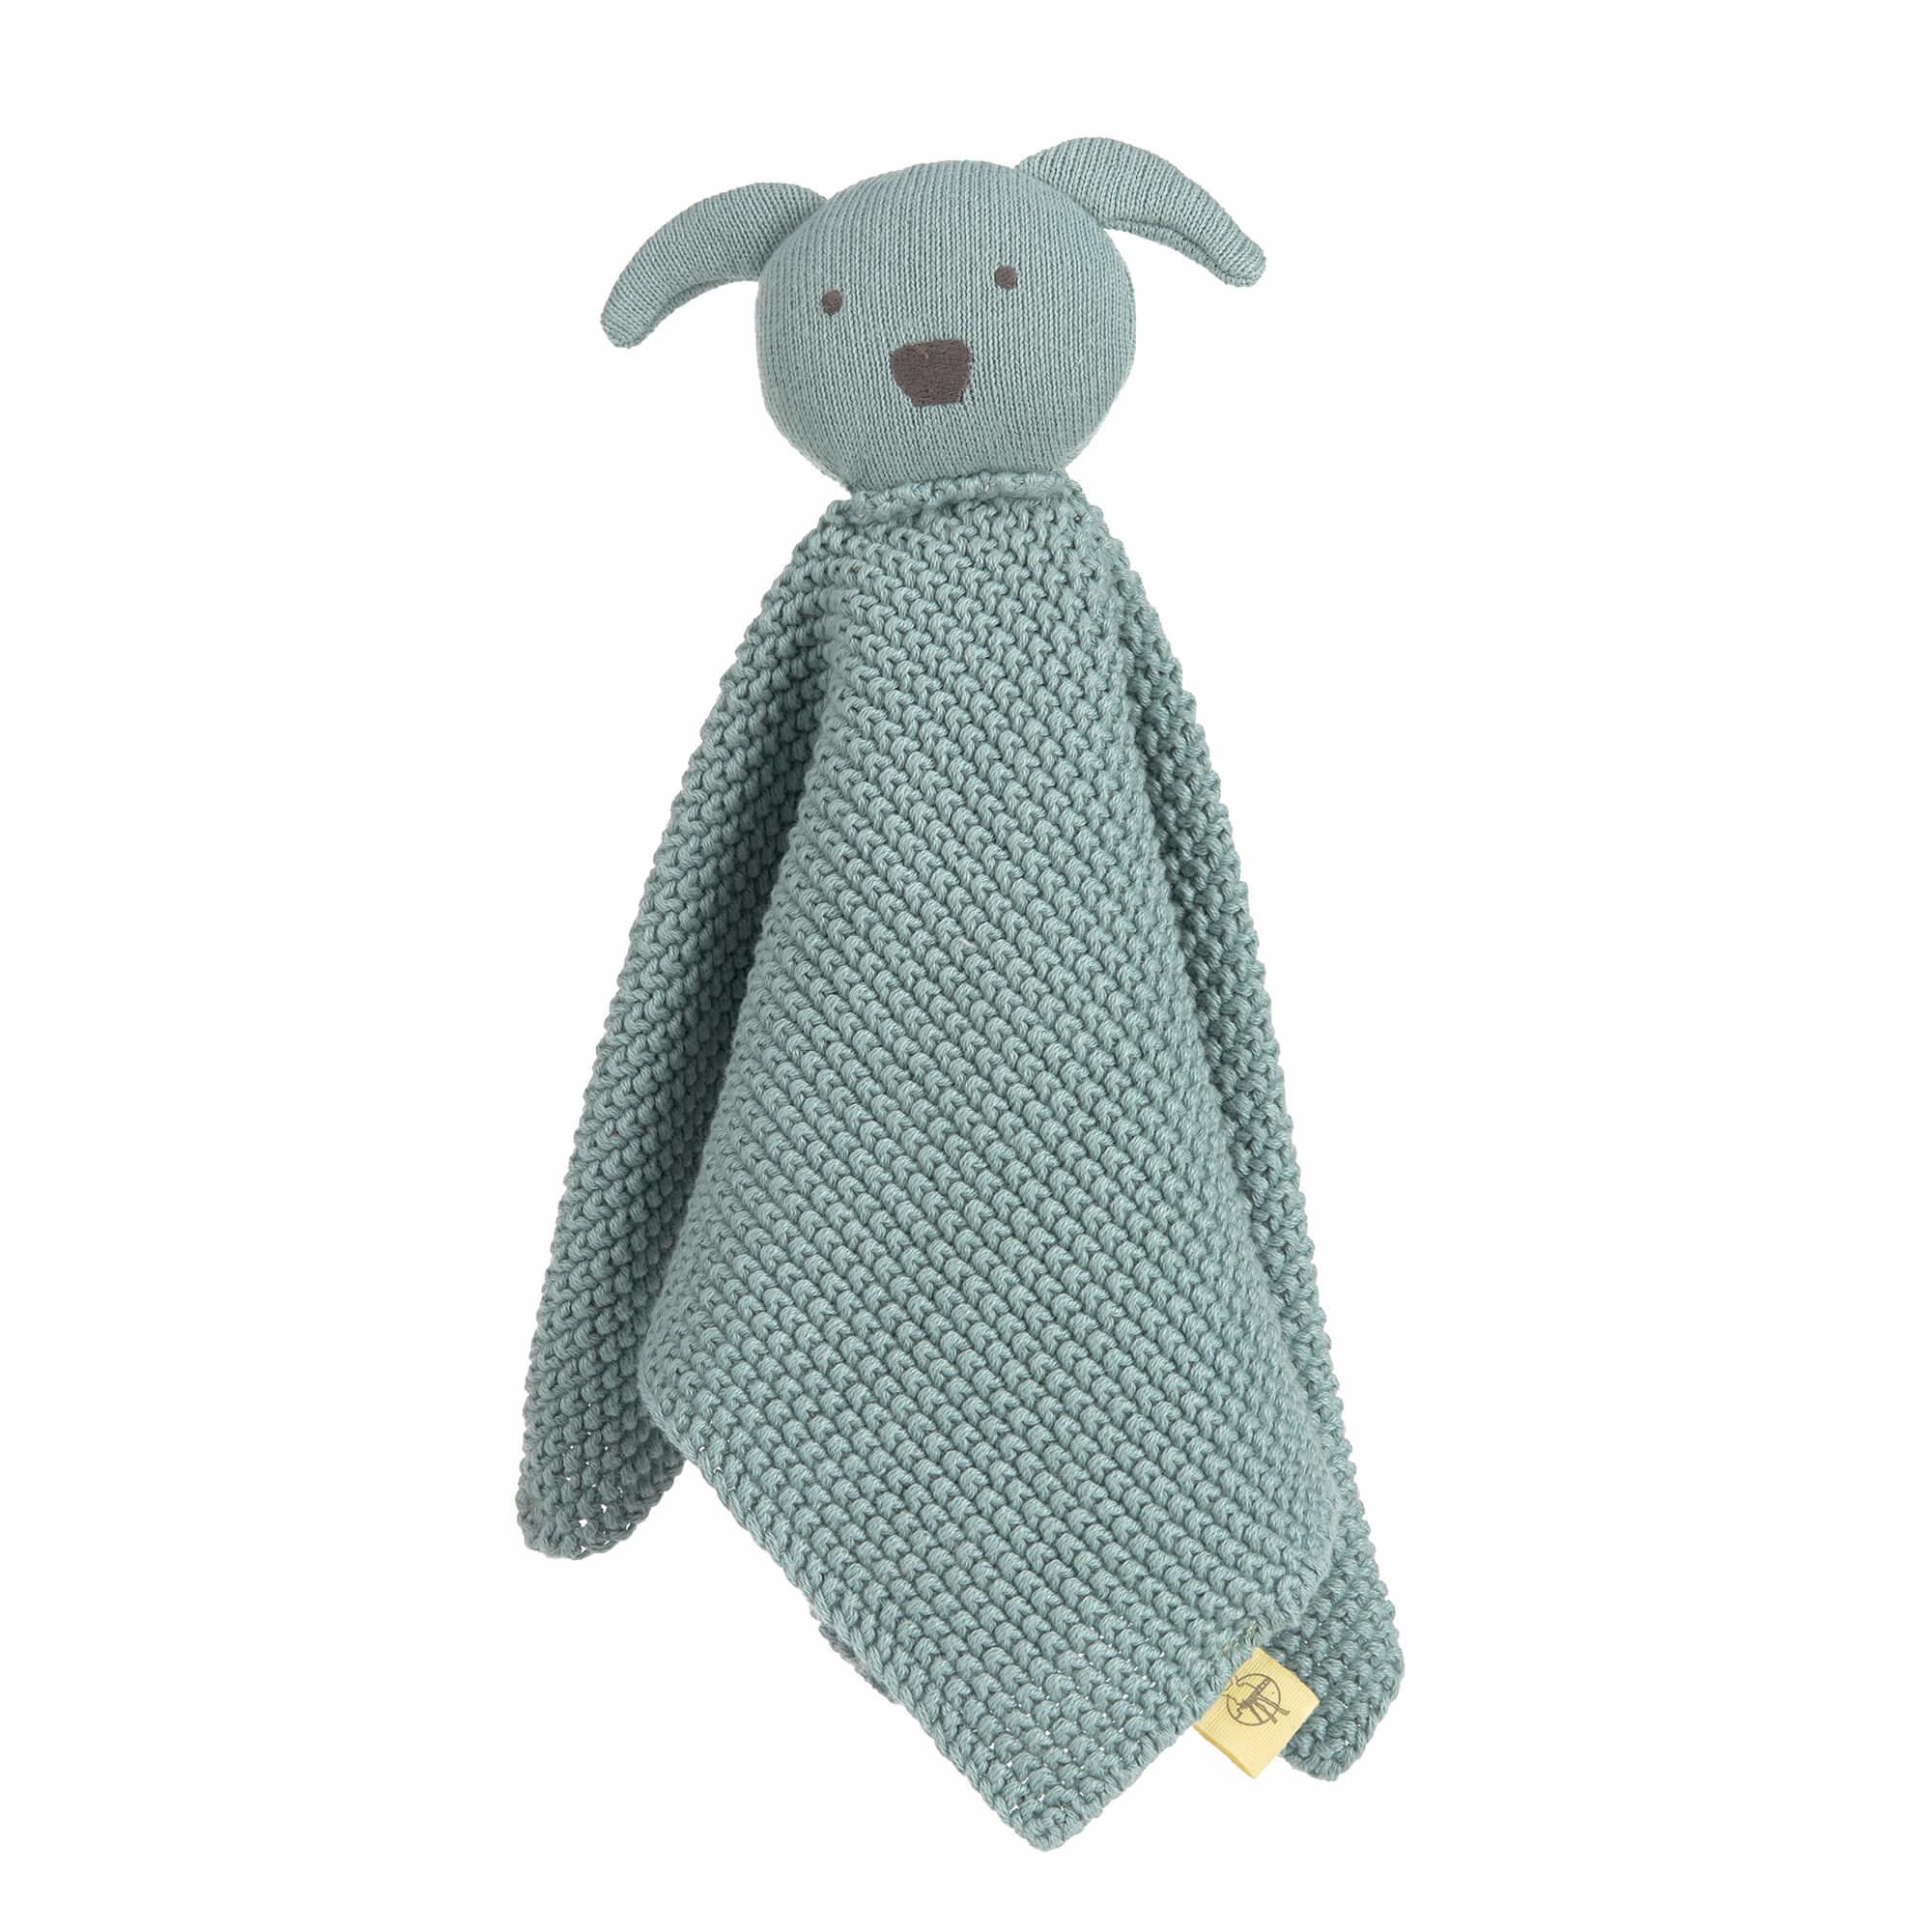 Lässig gebreide baby knuffel 100% organic cotton, Little Chums dog